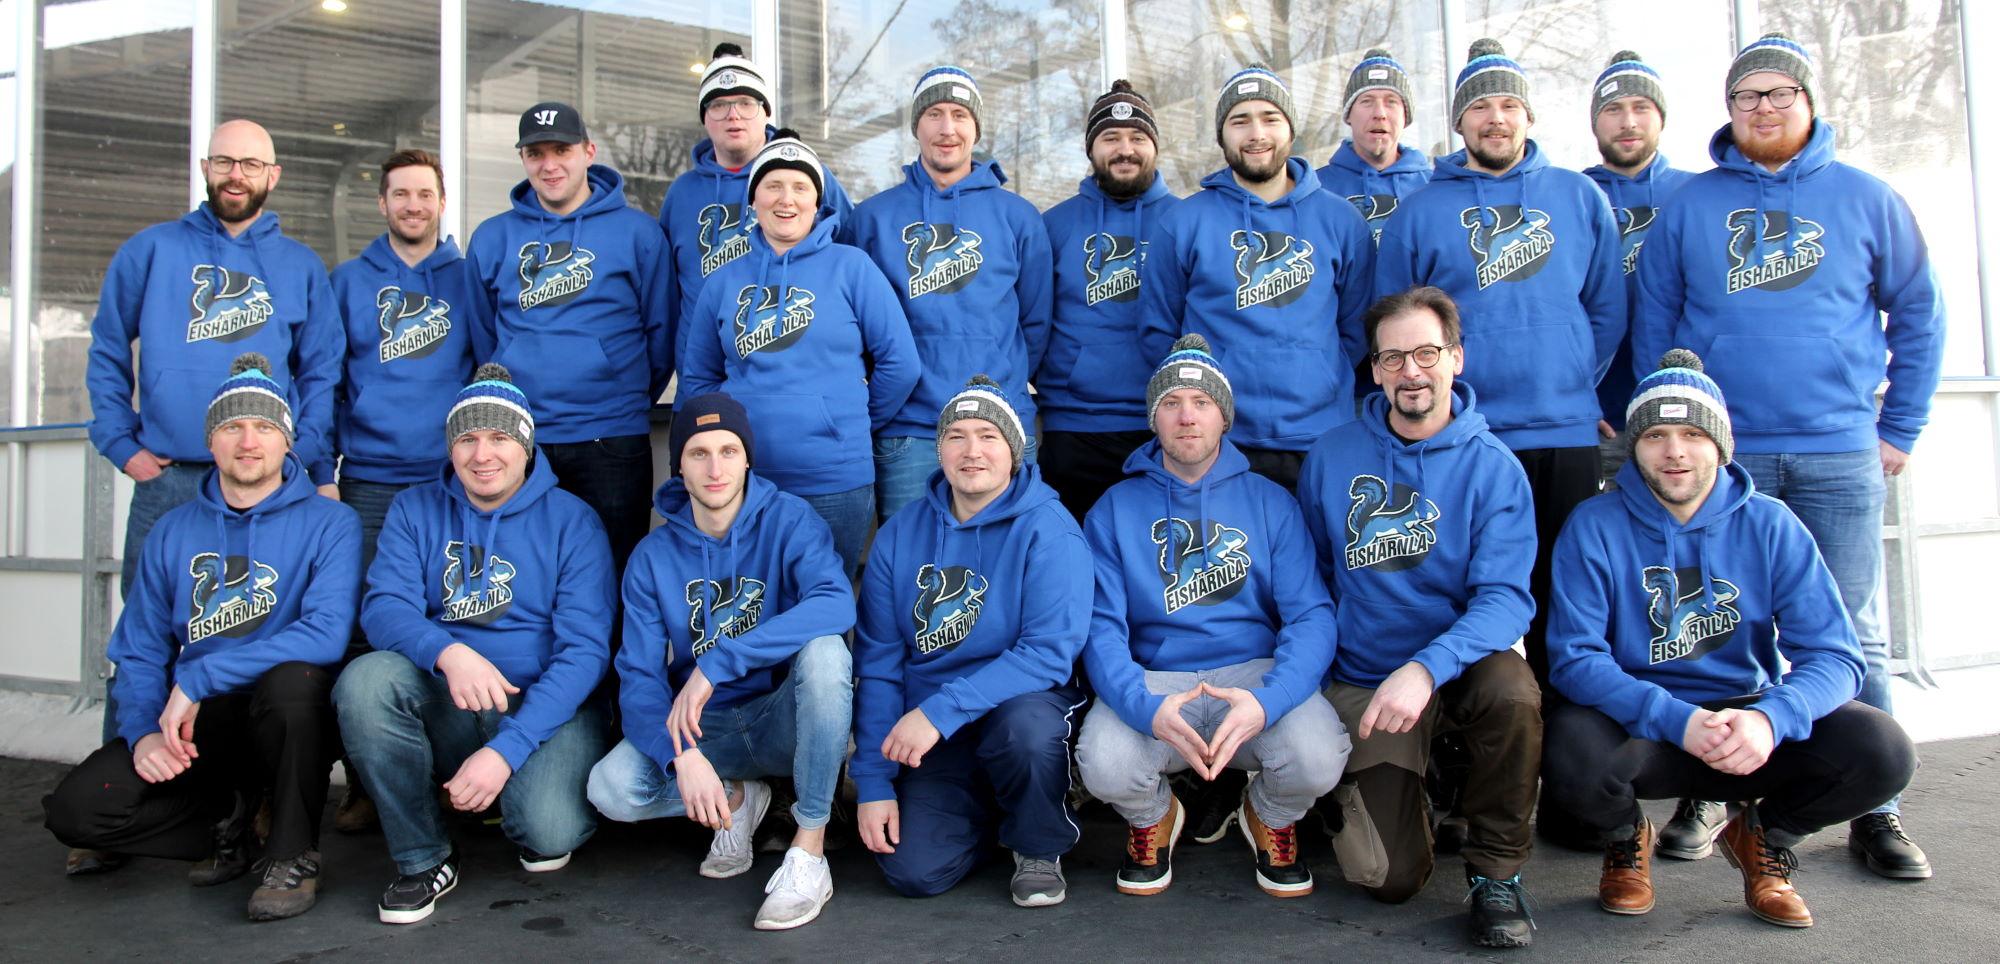 Mützen, Hoodies, Shirts für Eishockey-Freizeitteam <br>Hockey mit Herz für Kinder